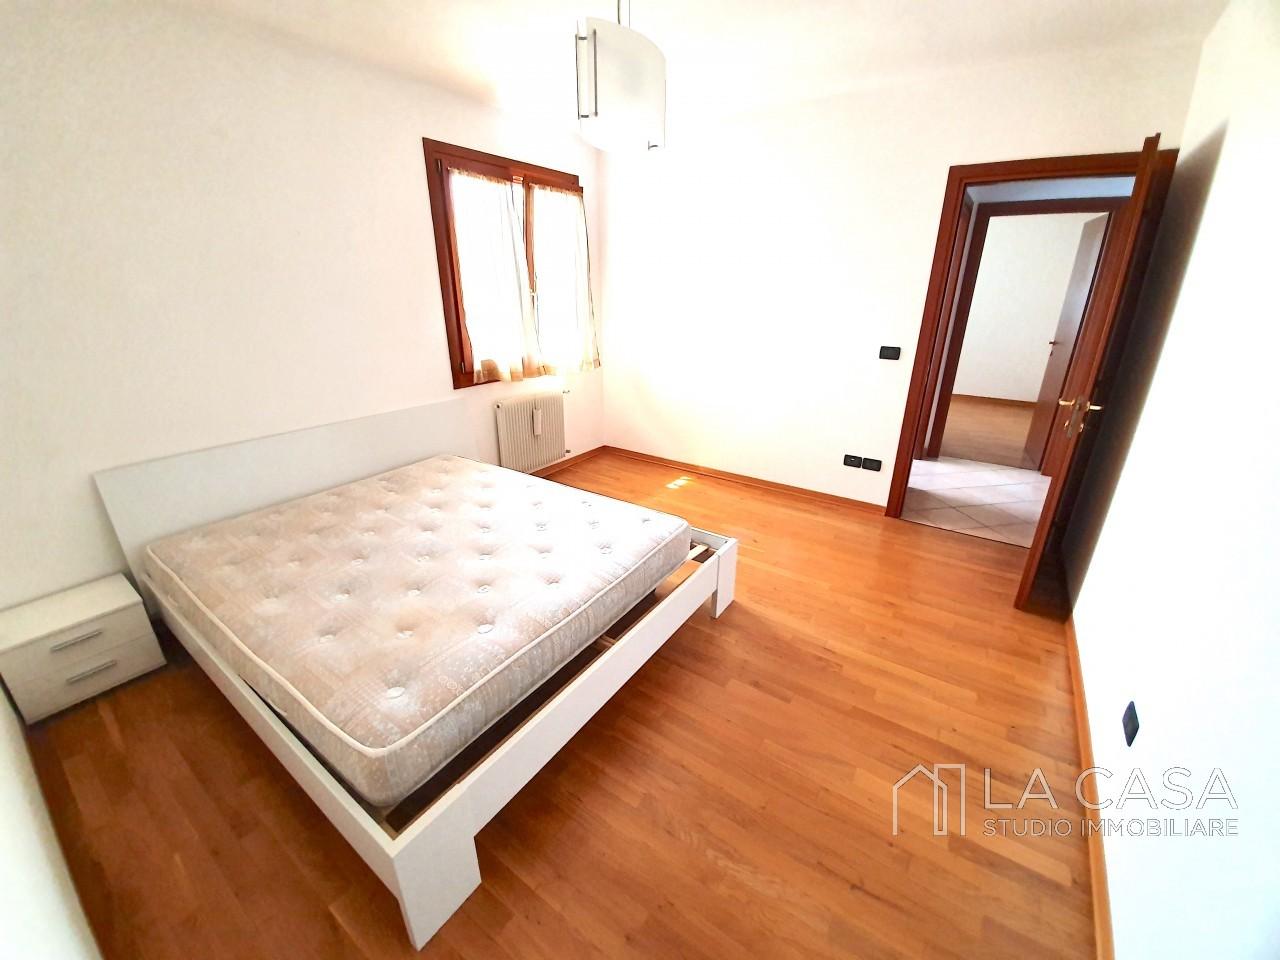 Appartamento Tricamere in  vendita a San Giorgio delle Richinvelda - Rif. A26 https://media.gestionaleimmobiliare.it/foto/annunci/190730/2040920/1280x1280/006__20190722_160723_wmk_0.jpg